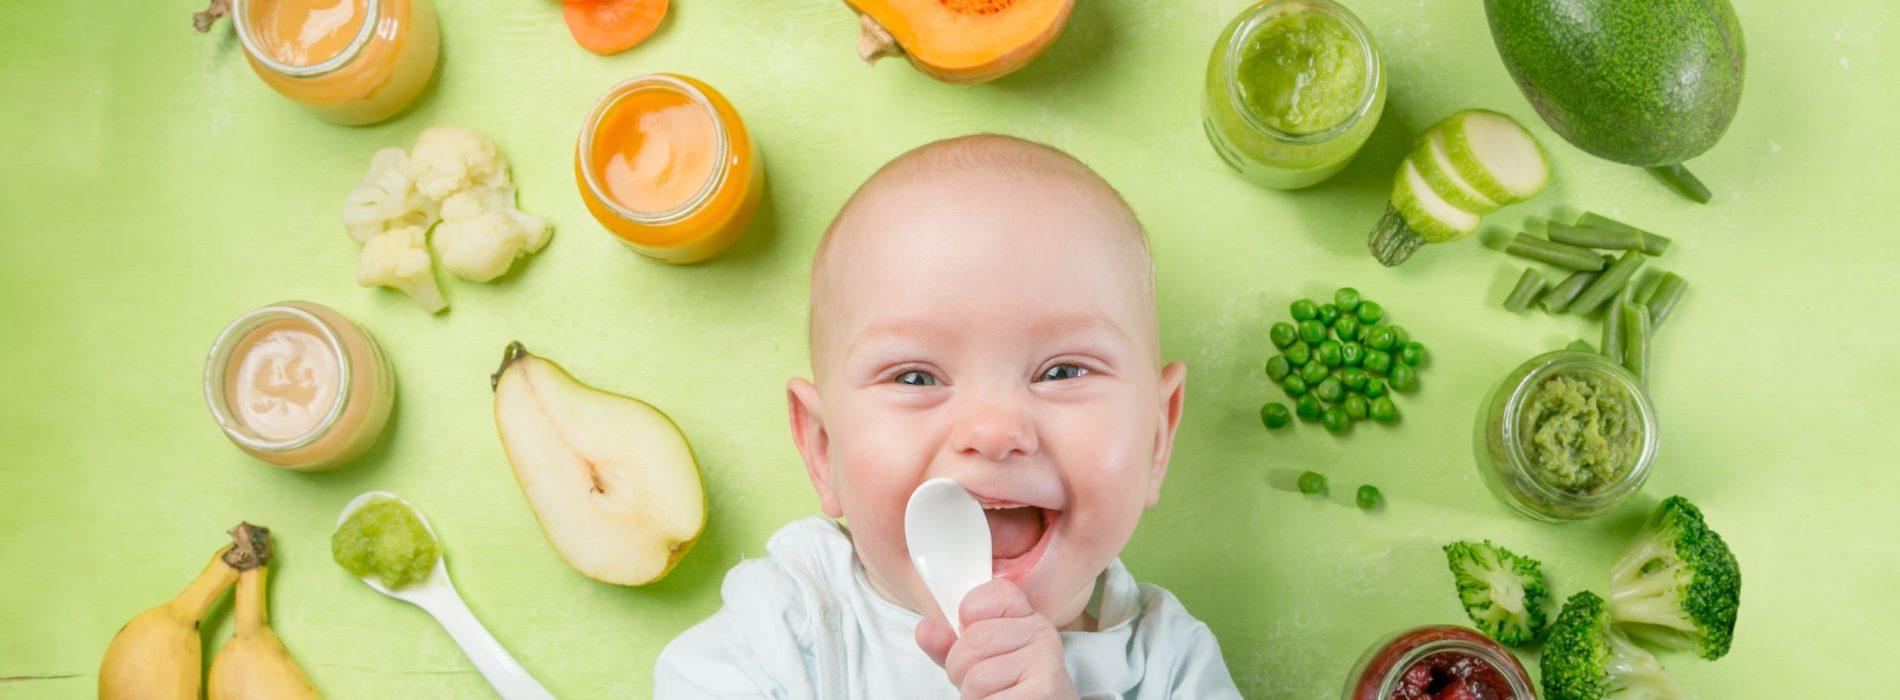 Sklep ze zdrową żywnością – jaki wybrać?